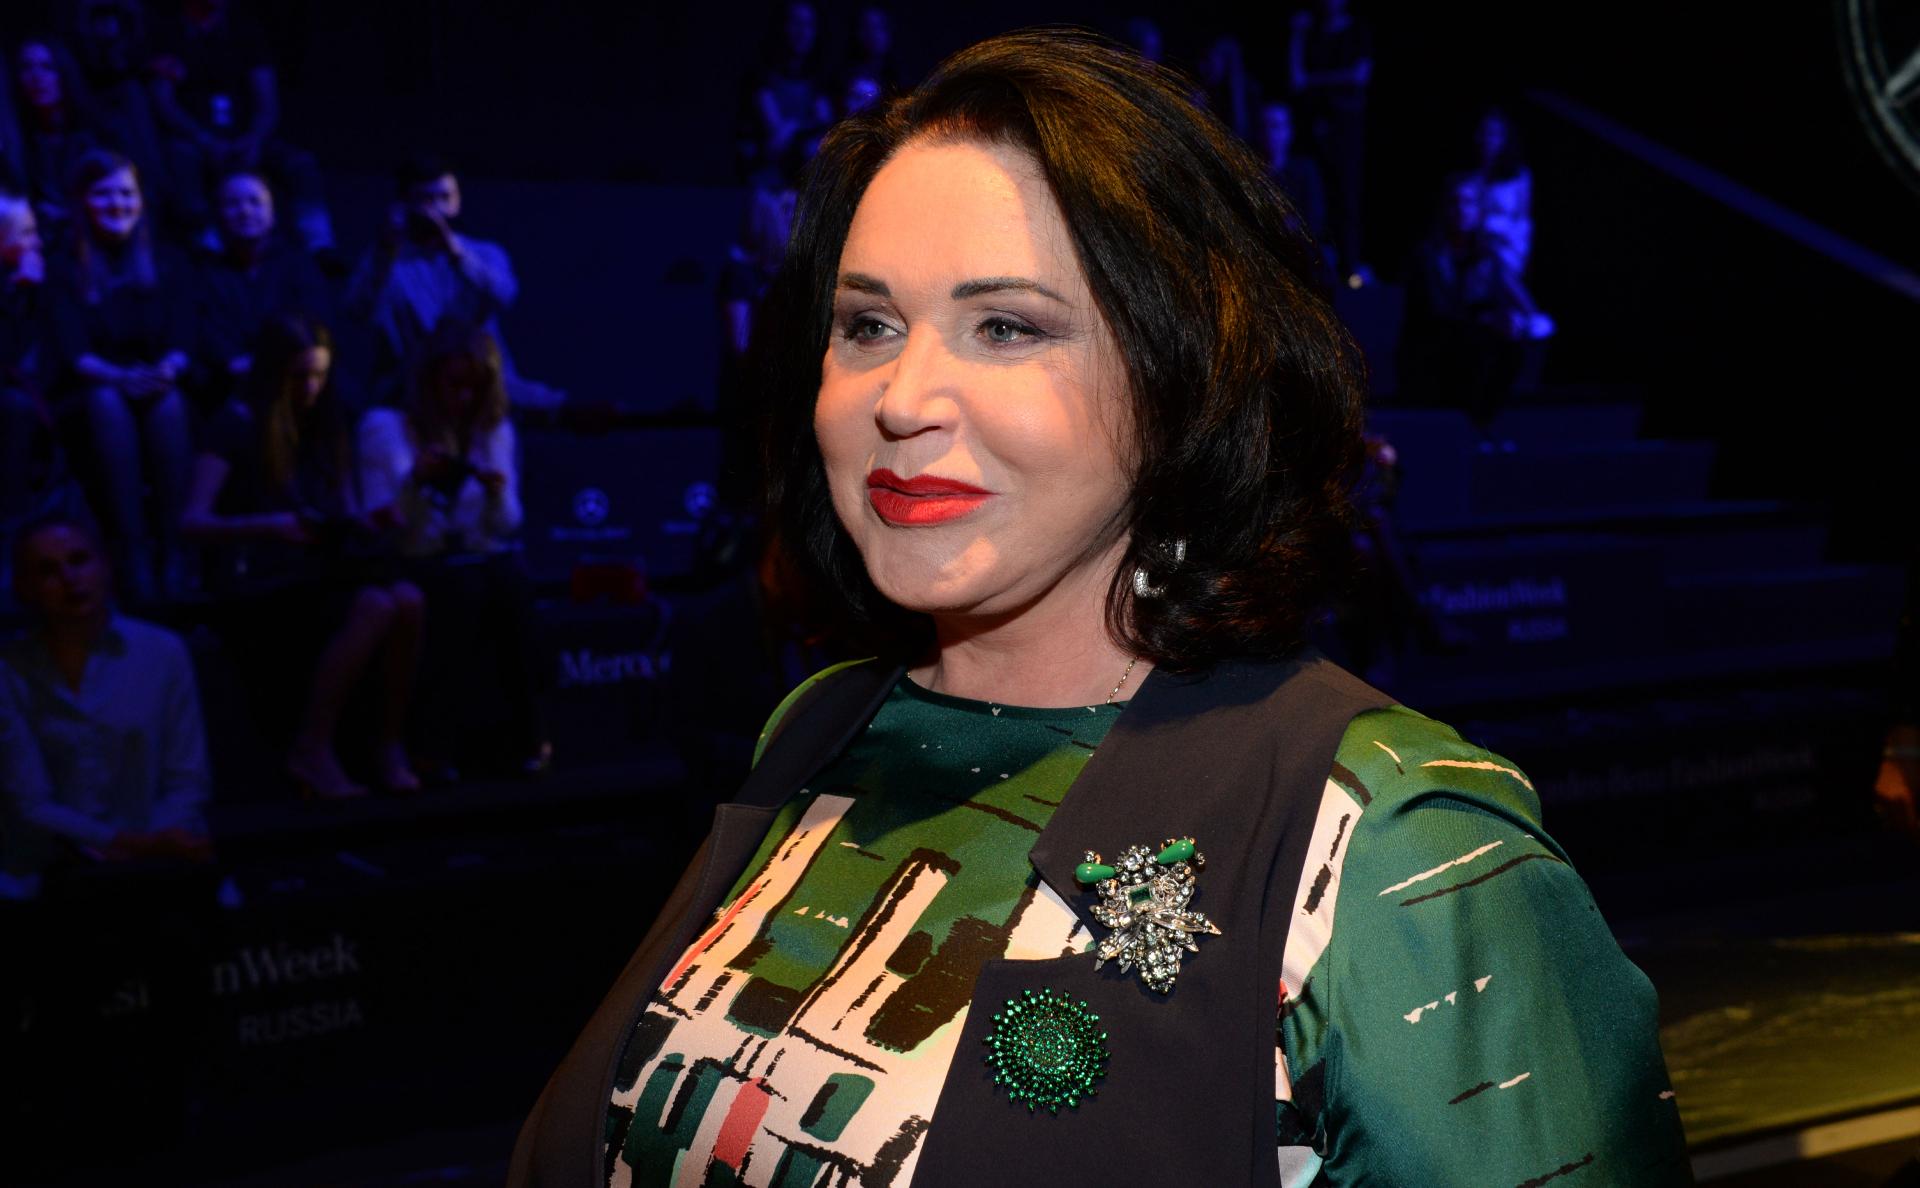 Представитель Надежды Бабкиной рассказал о ее состоянии